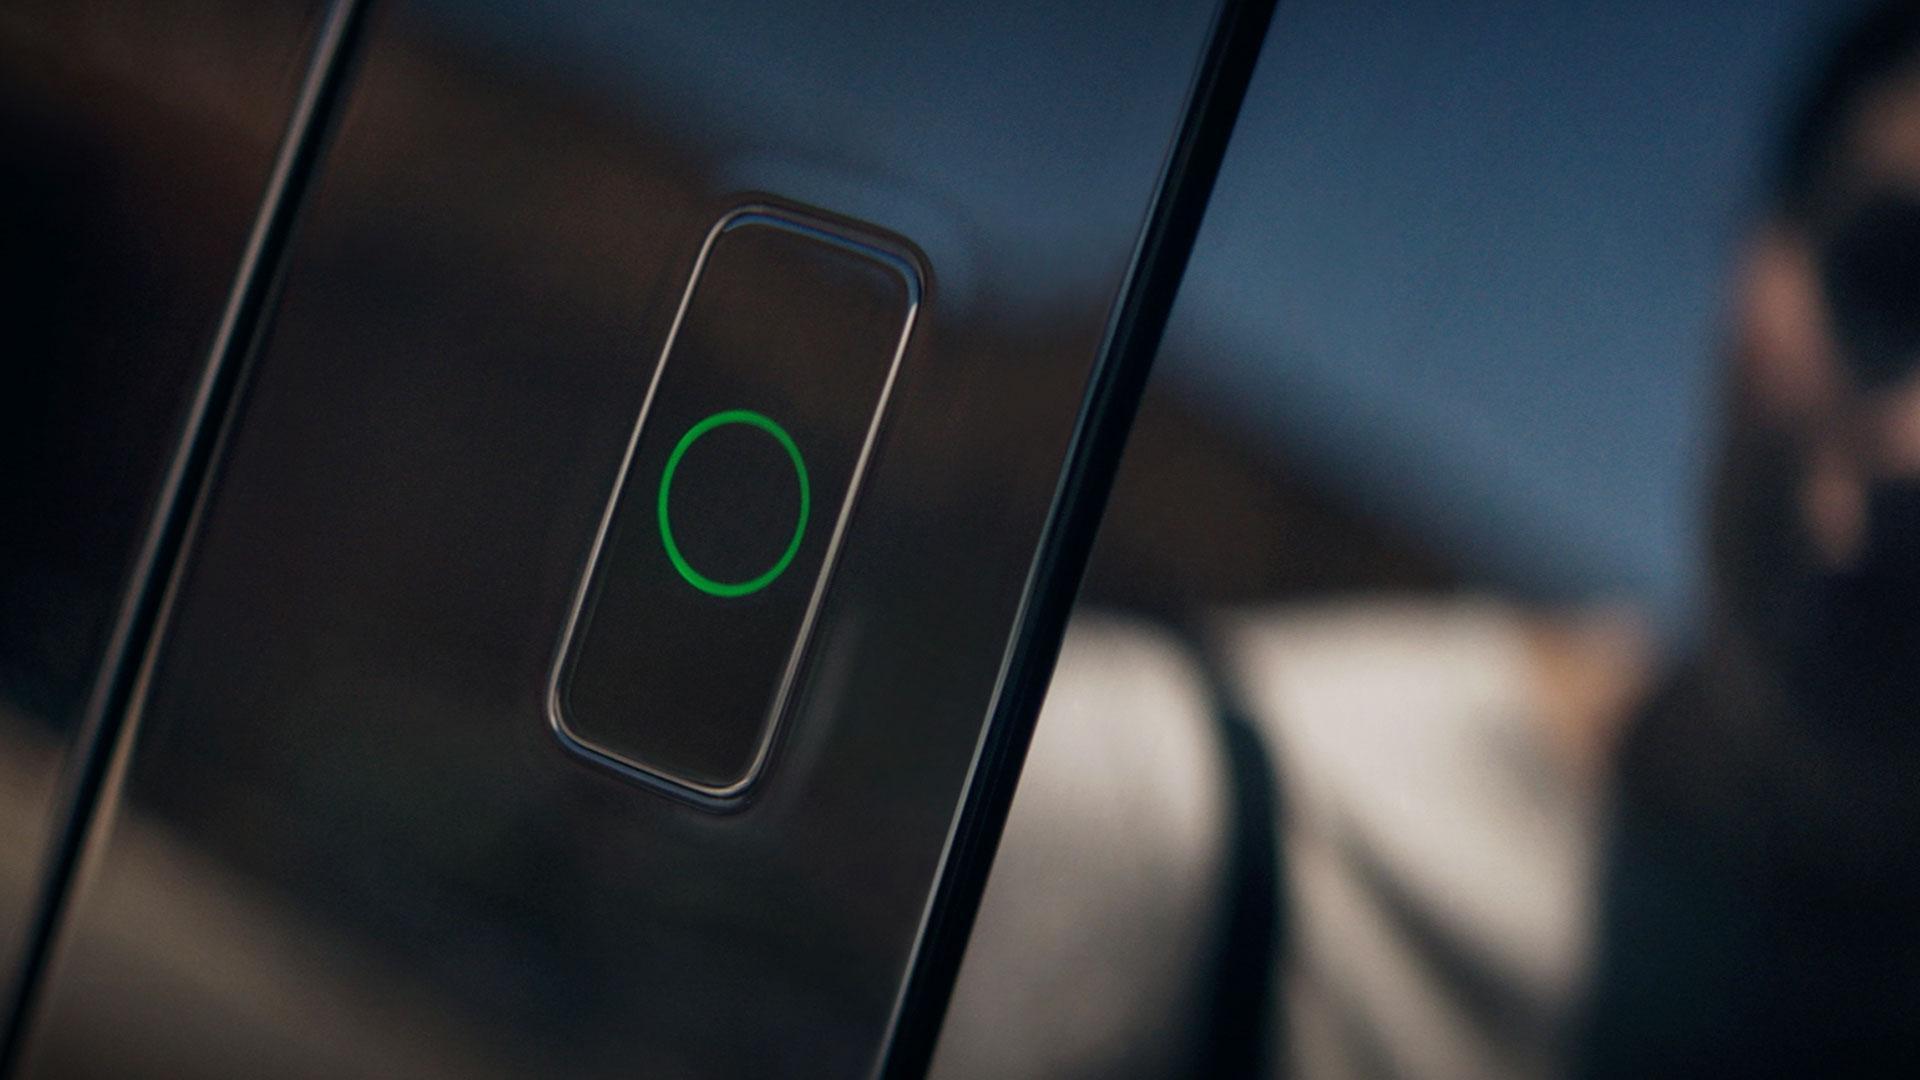 Gezichtsherkenning Genesis GV60 vervangt autosleutel